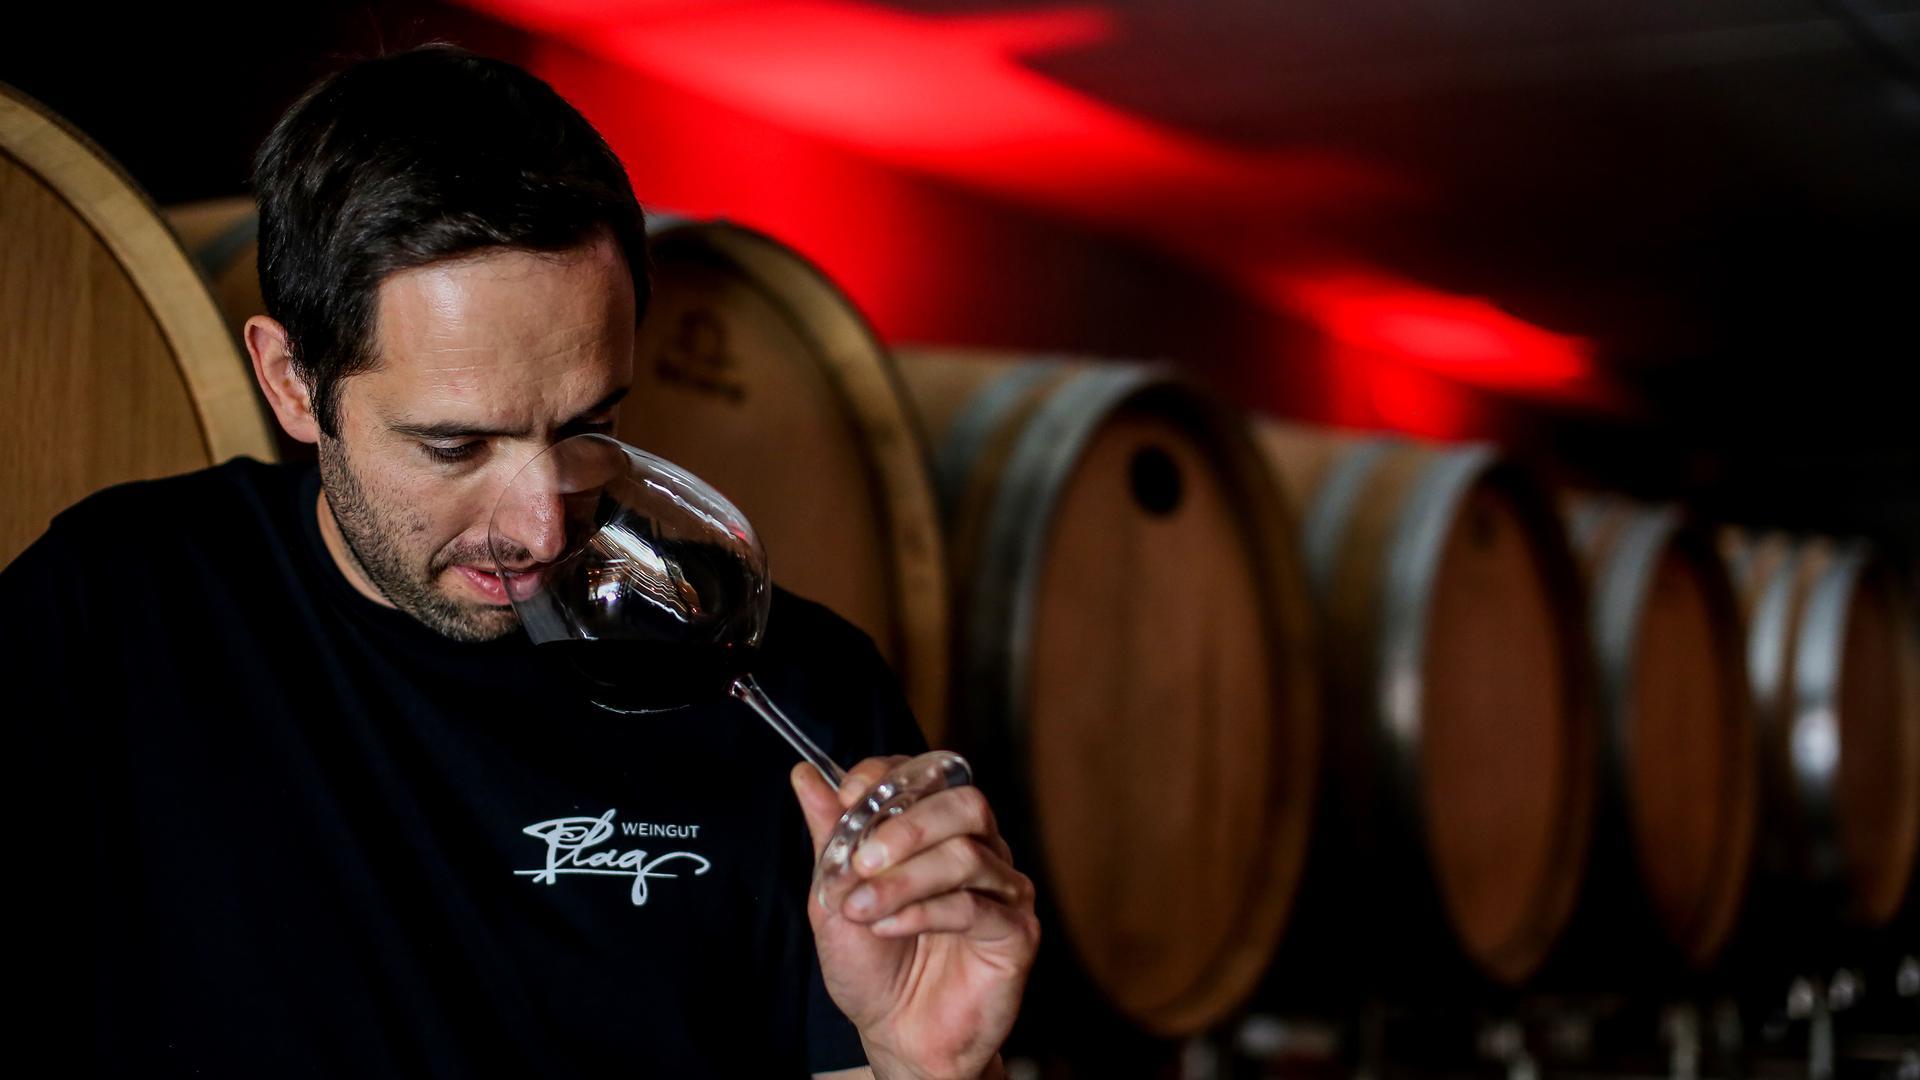 Ein Mann riecht an einem Rotweinschwenker, im HIntergrund sind Weinfässer zu sehen.